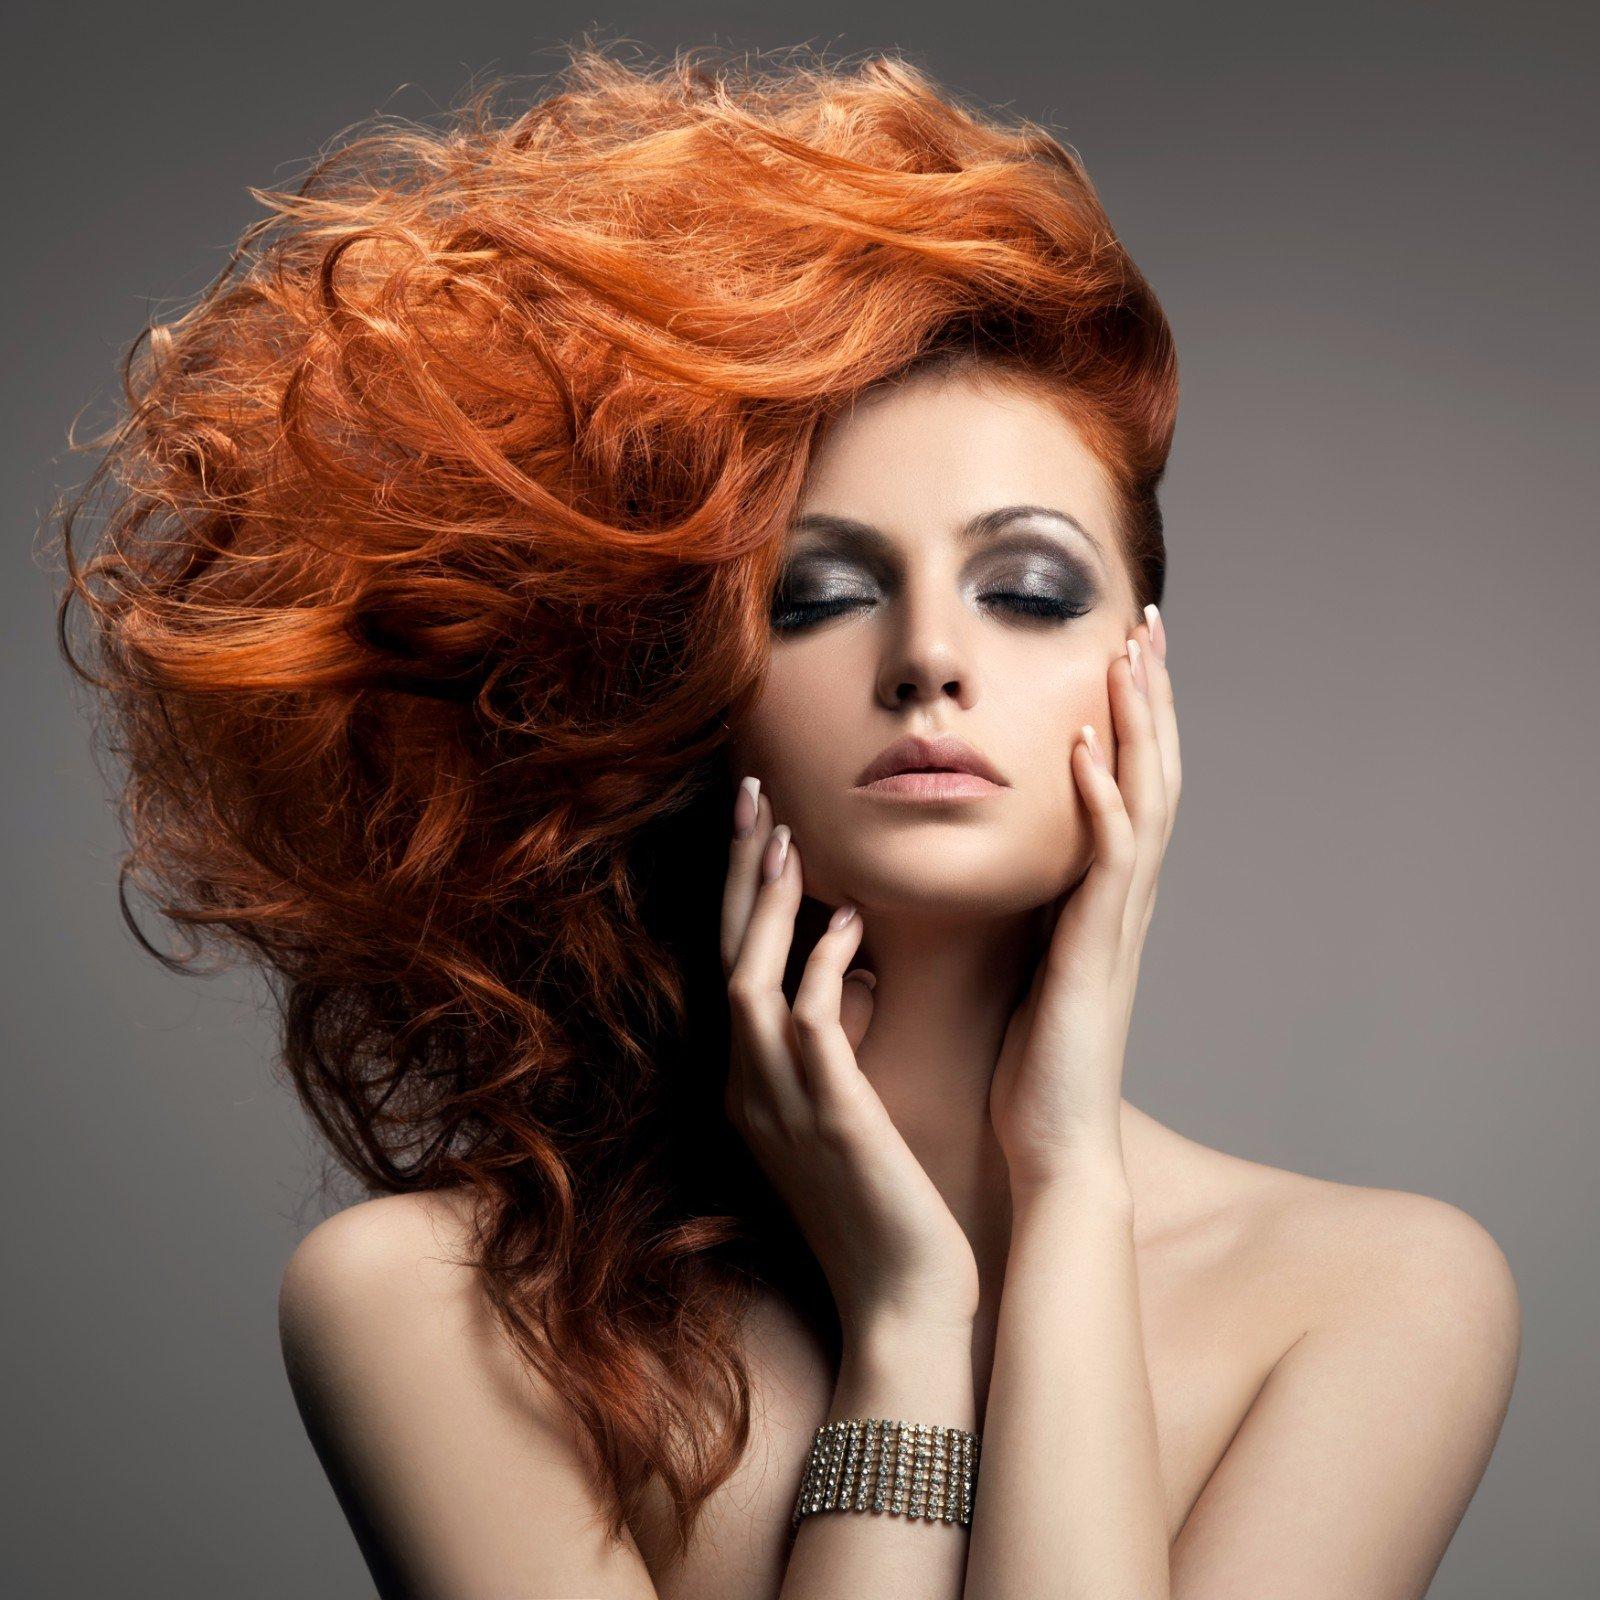 una donna con un ombretto nero e dei capelli arancioni mossi